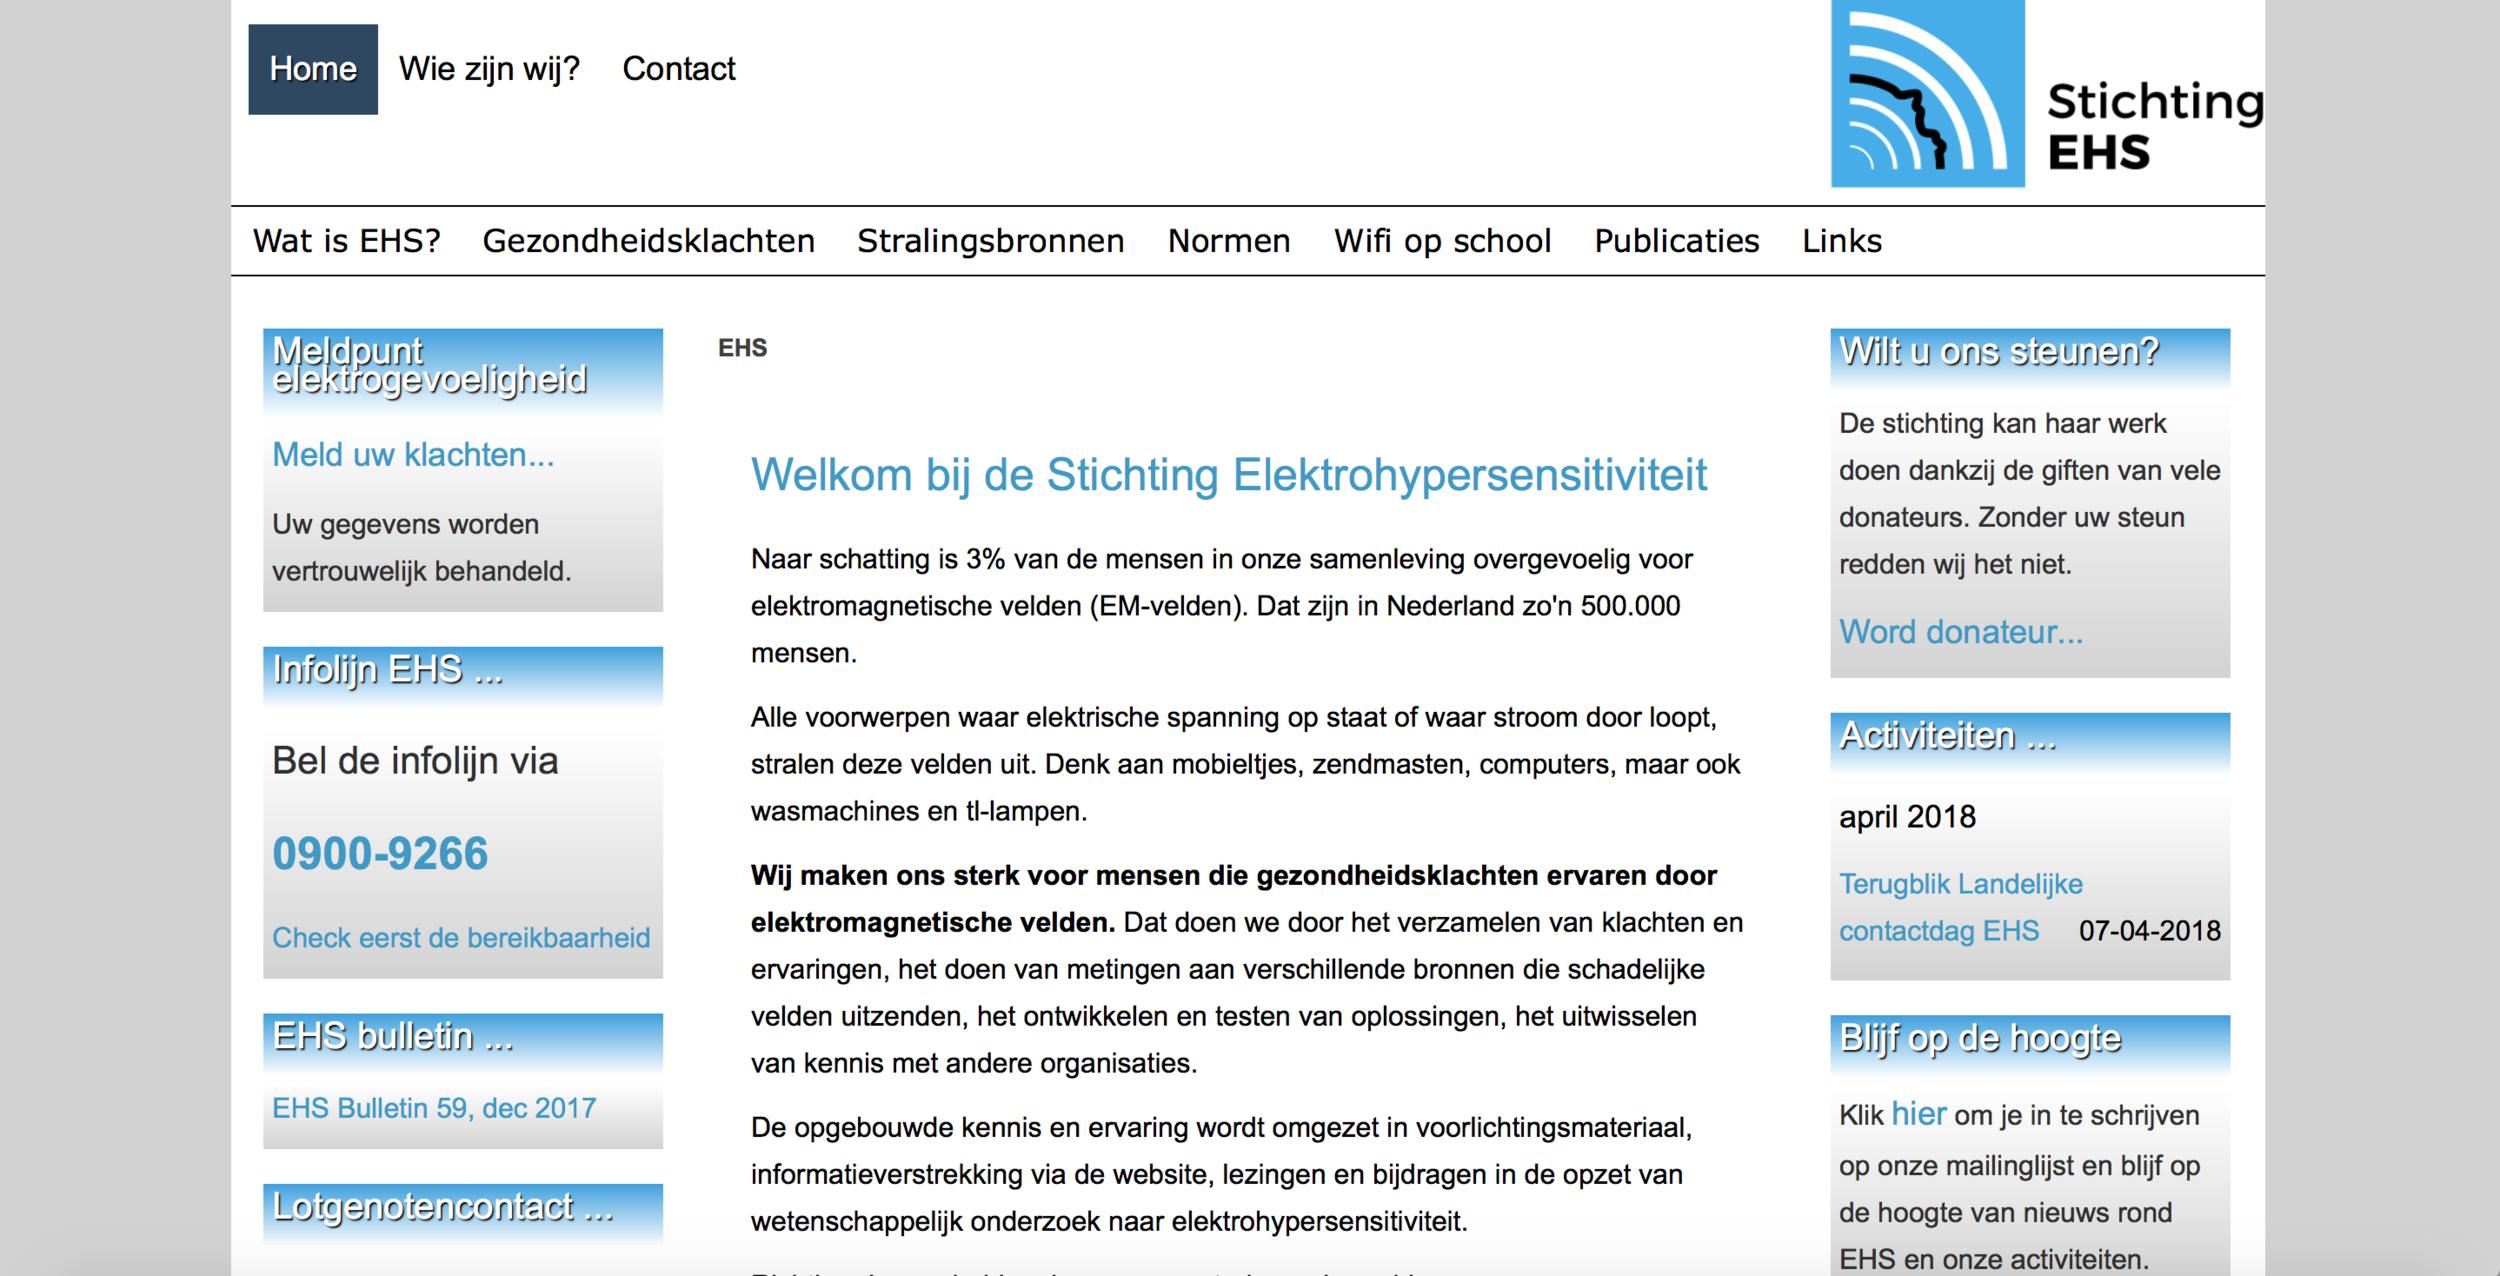 Stichting EHS